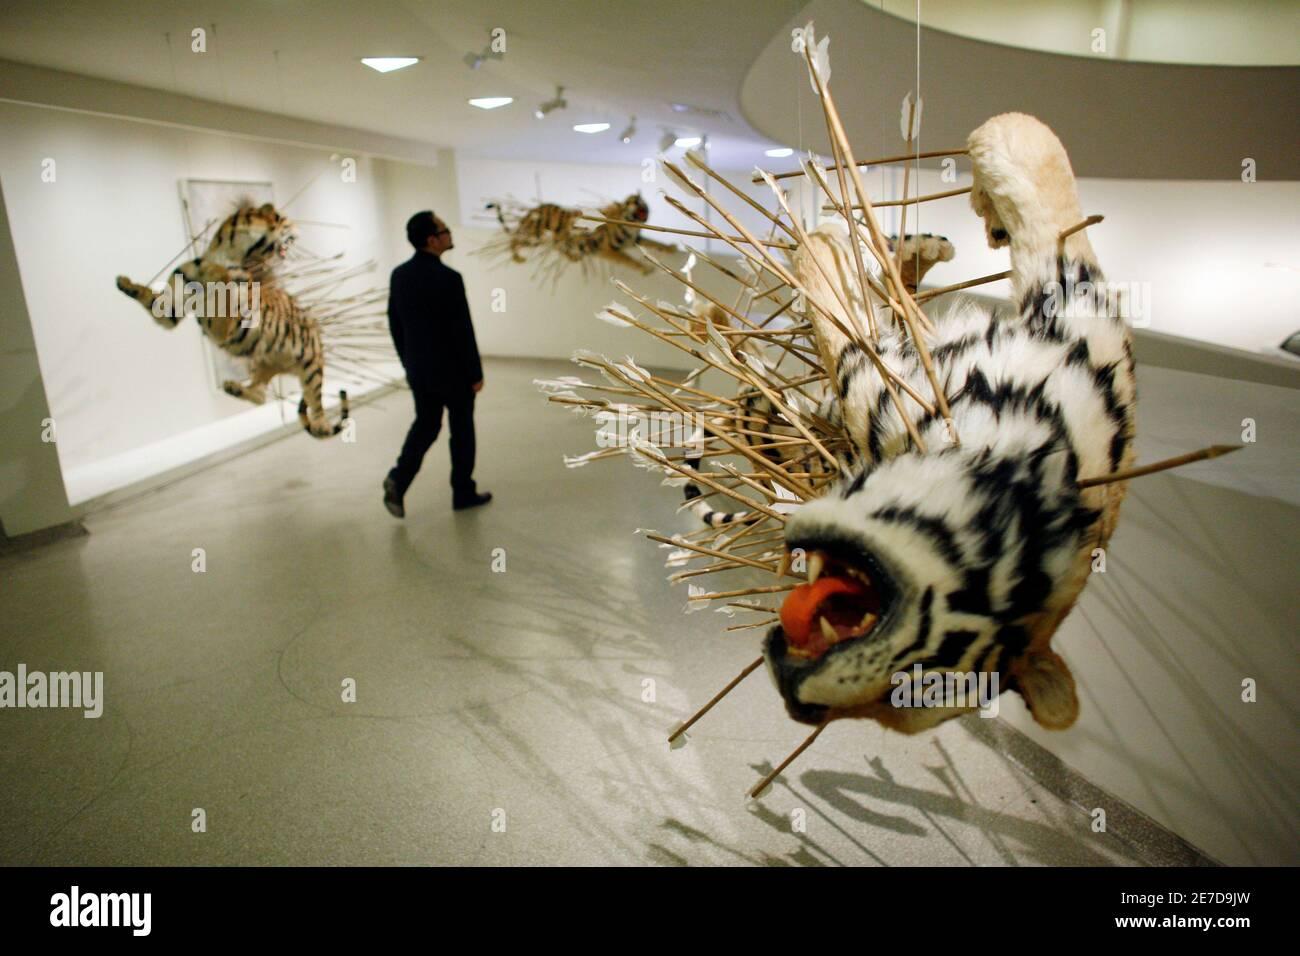 """Un visitante al Museo Guggenheim camina por la instalación """"inoportuna: Etapa dos"""" por el artista Cai Guo-Qiang en Nueva York, 21 de febrero de 2008. La pieza es parte de la exposición del artista Cai Guo-Qiang: Quiero creer. REUTERS/Keith Bedford (ESTADOS UNIDOS) Foto de stock"""